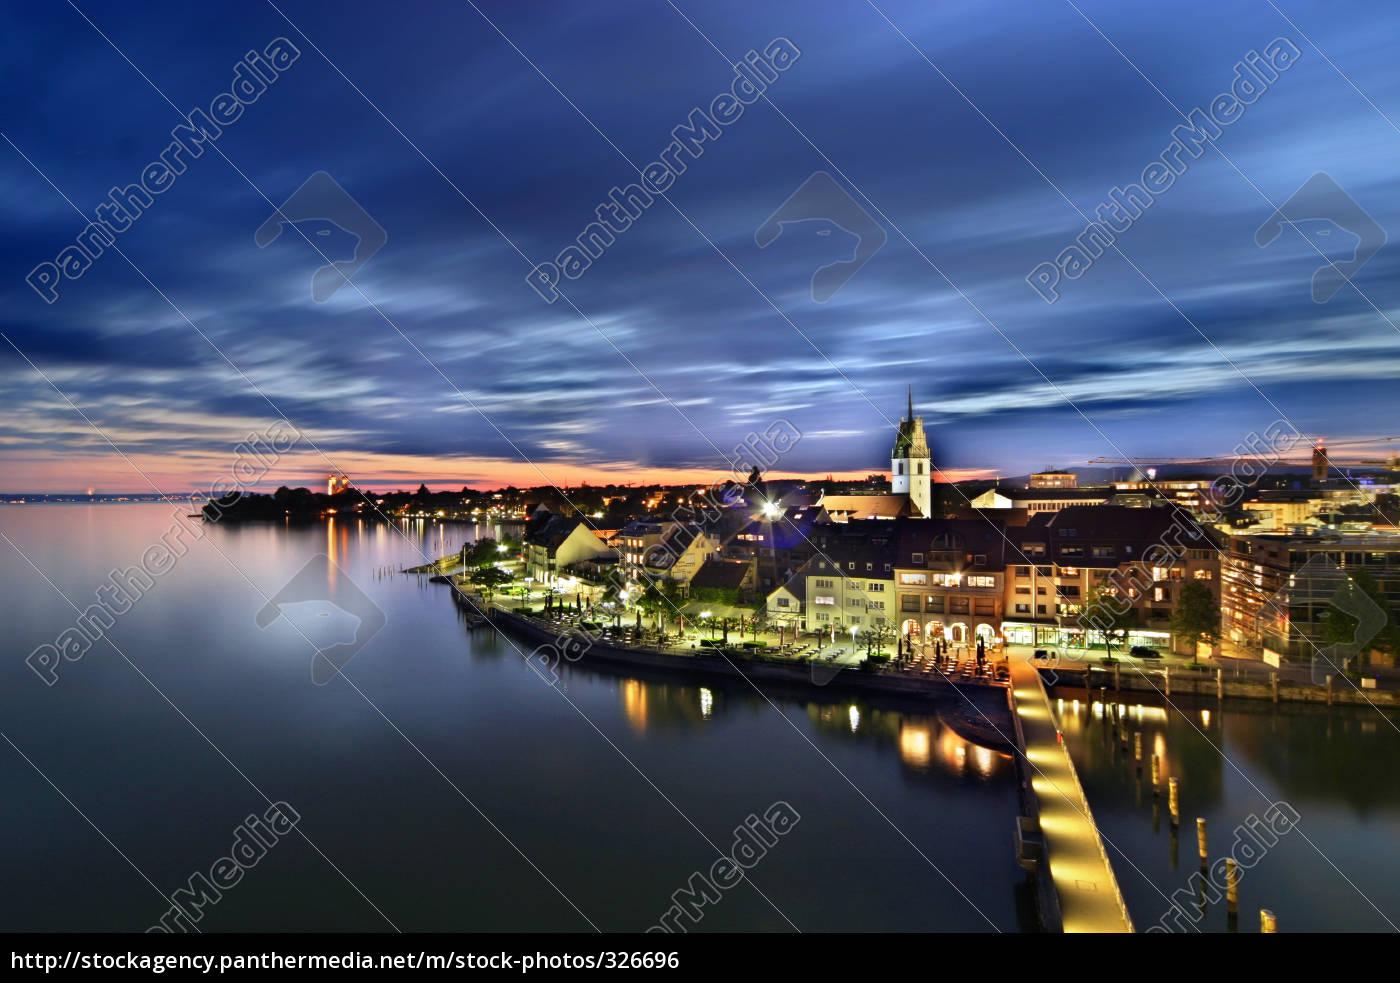 friedrichshafen, at, night - 326696